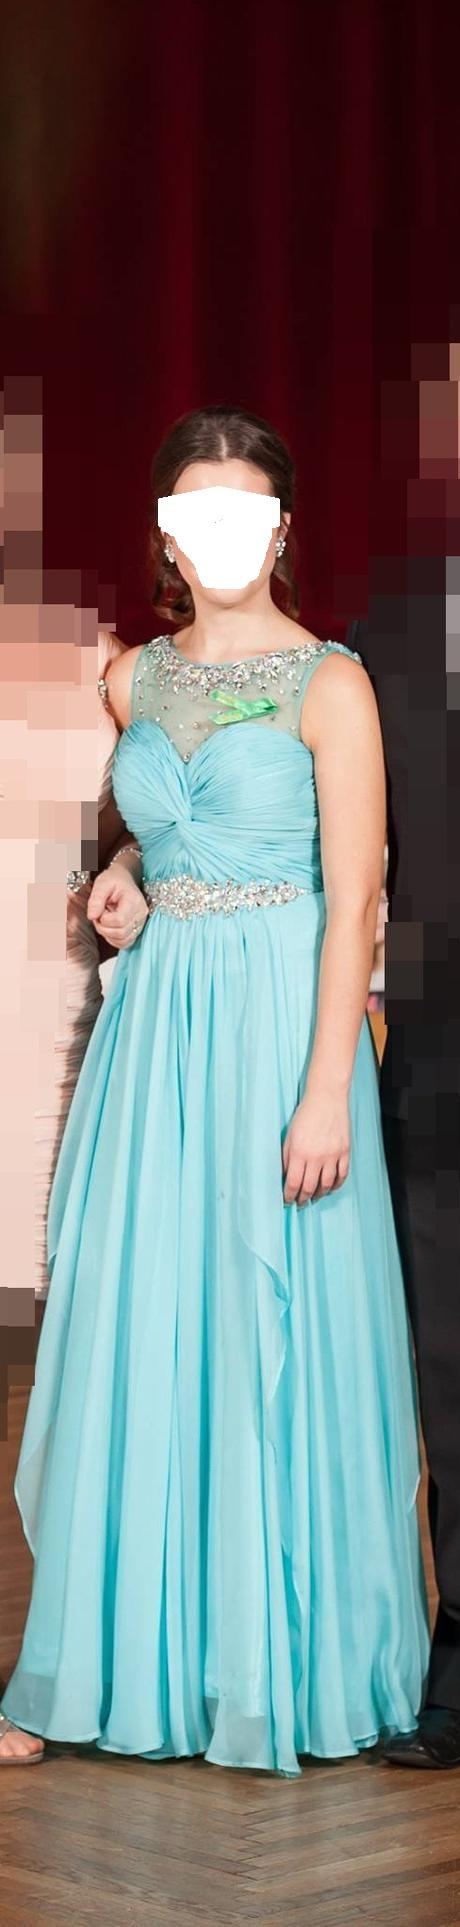 popolnočné plesové šaty XS/164cm - Obrázok č. 1